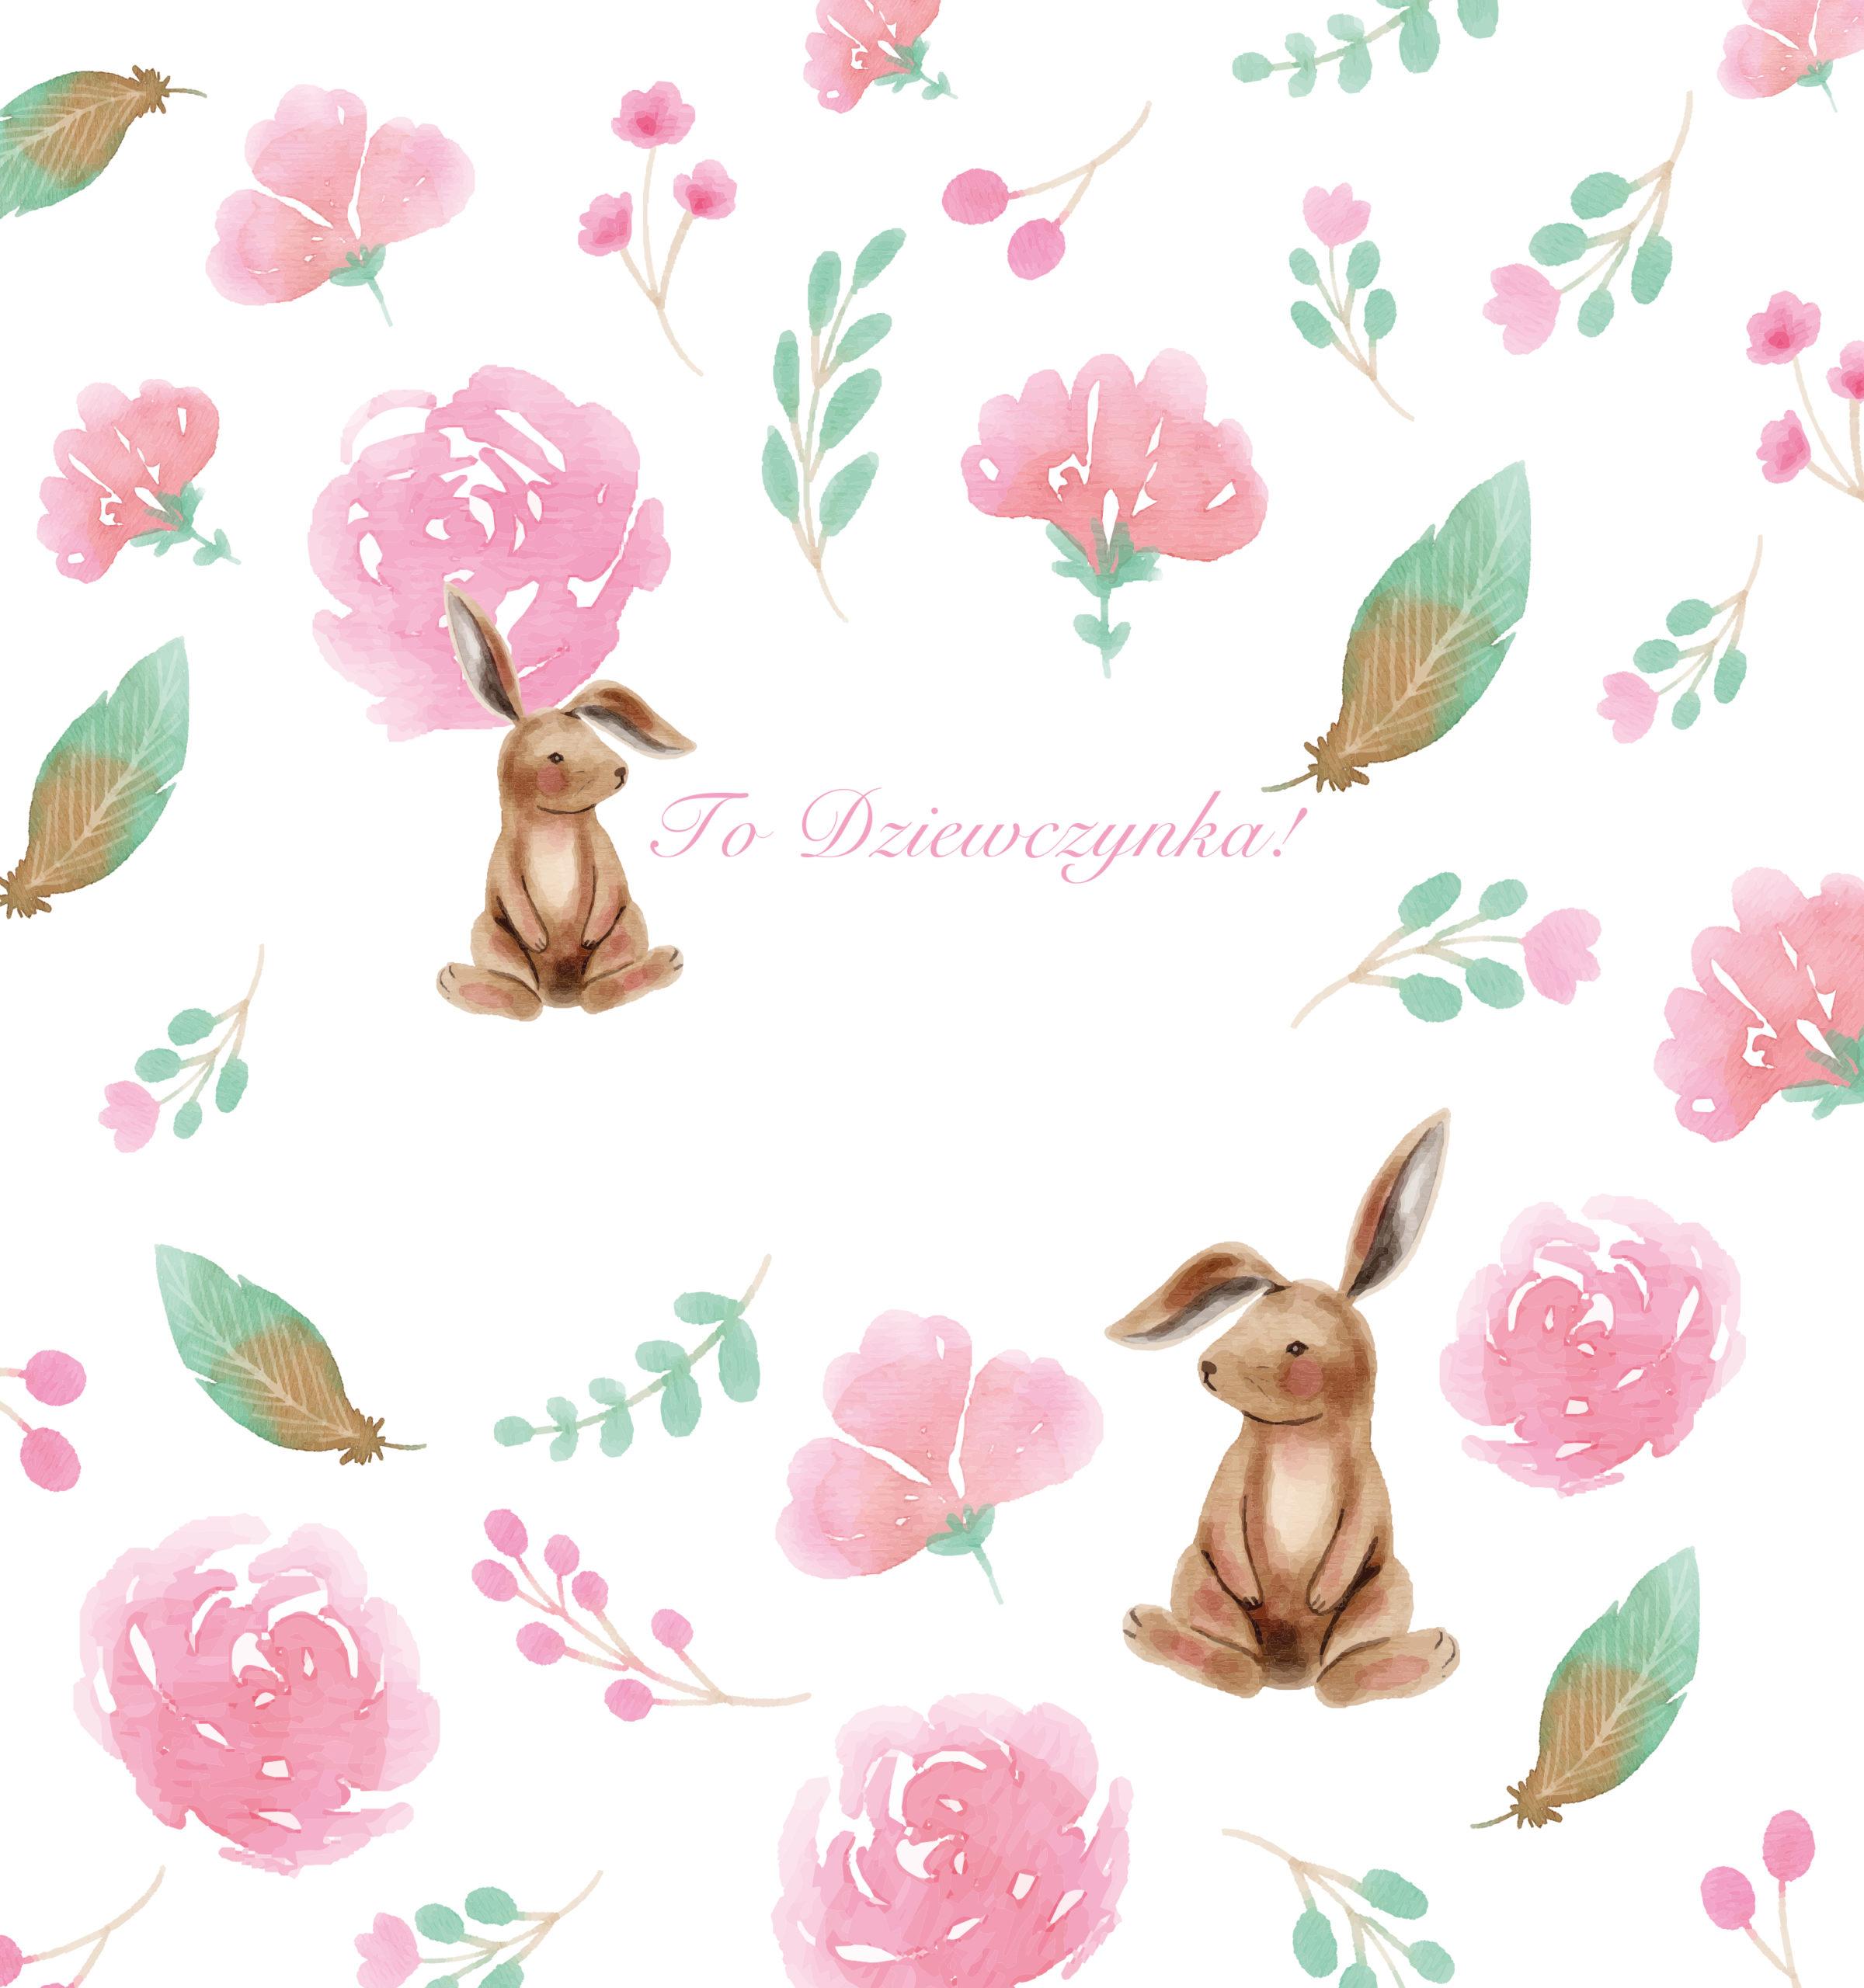 krówki baby shower dziewczynka królik